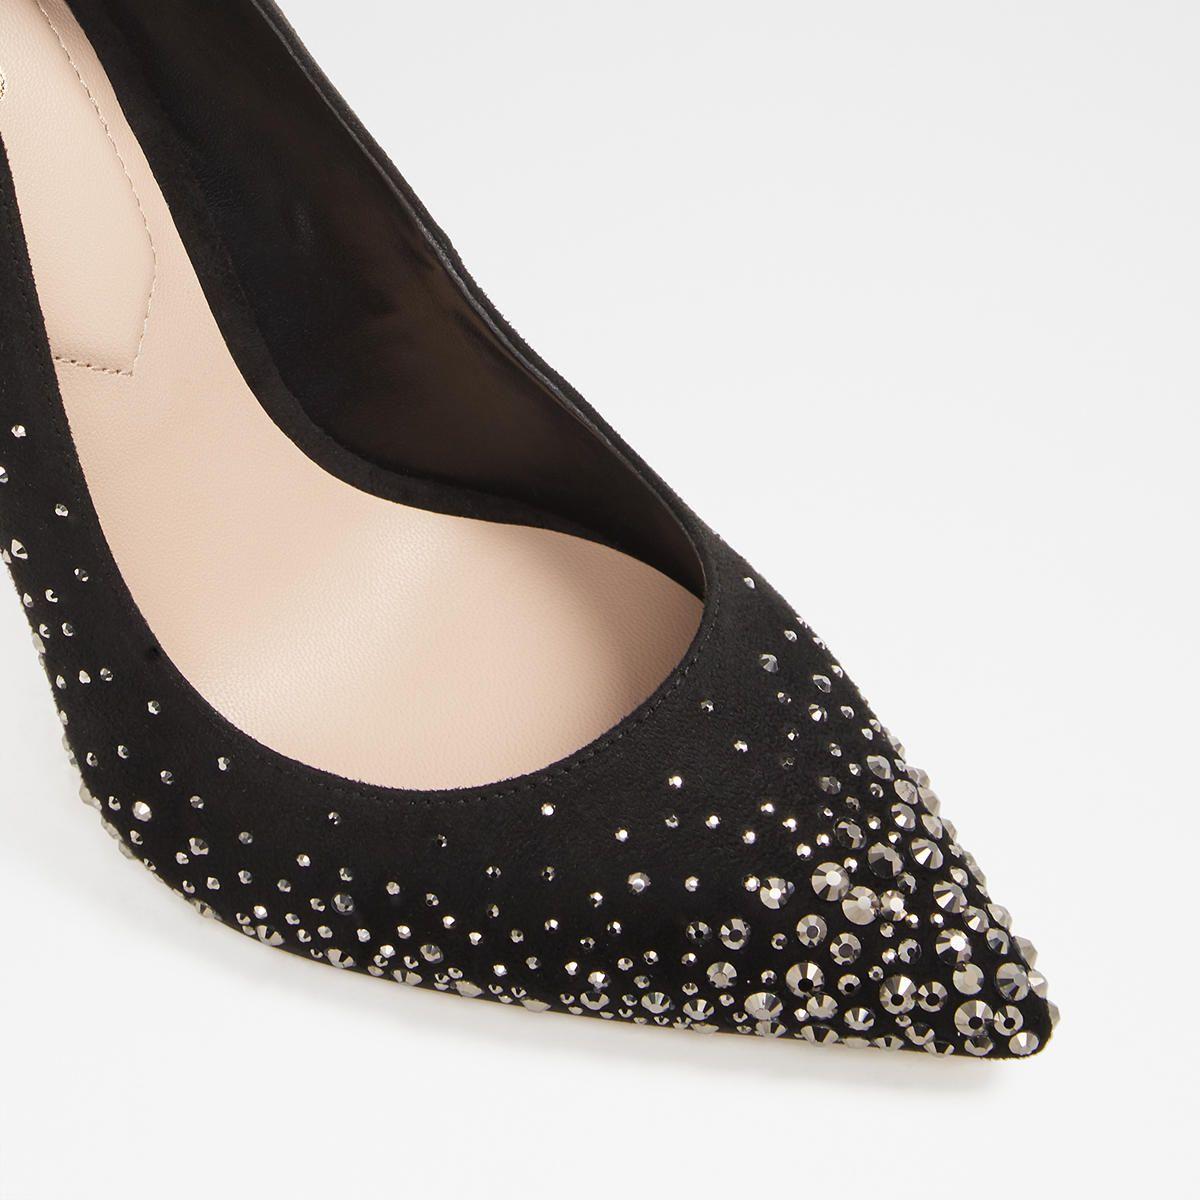 Pelia Midnight Black Women S Court Shoes Aldo Uk Shoes Aldo Shoes Fashion Shoes